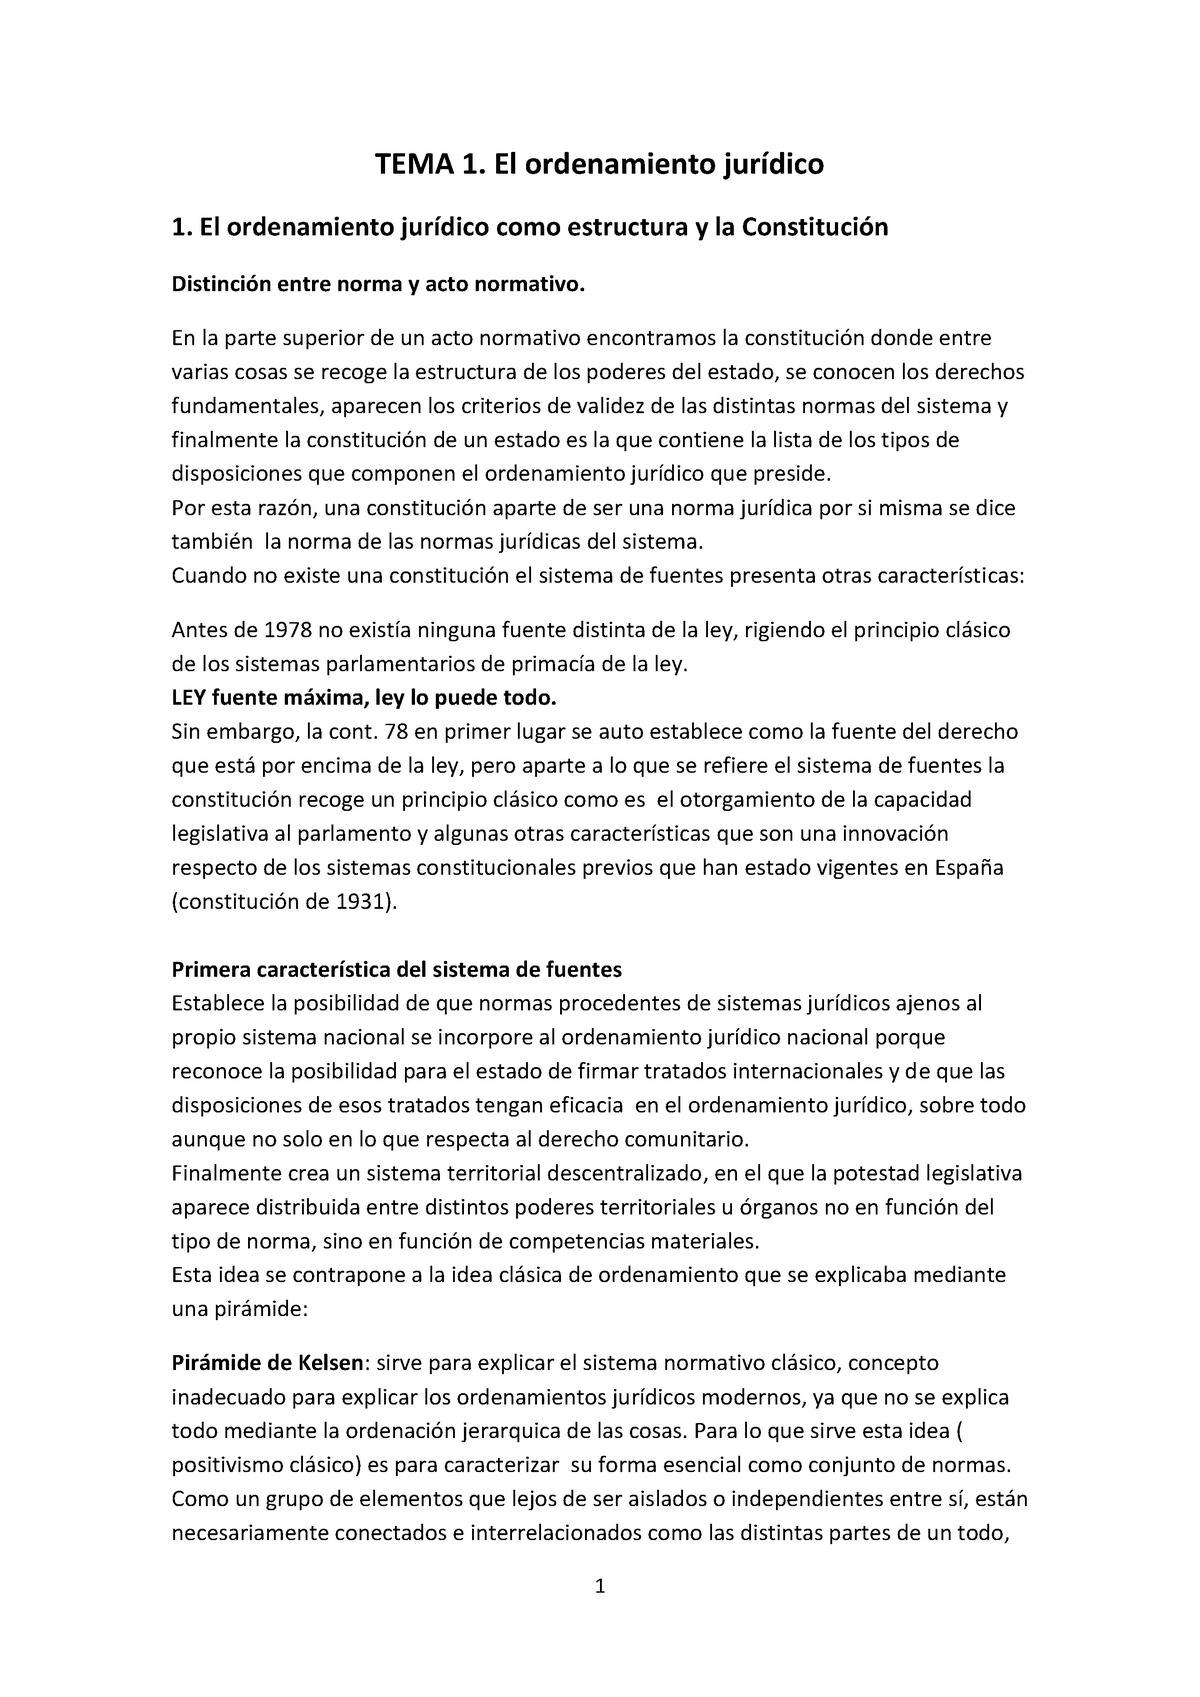 Tema 1 Derecho Constitucional I Uab Studocu